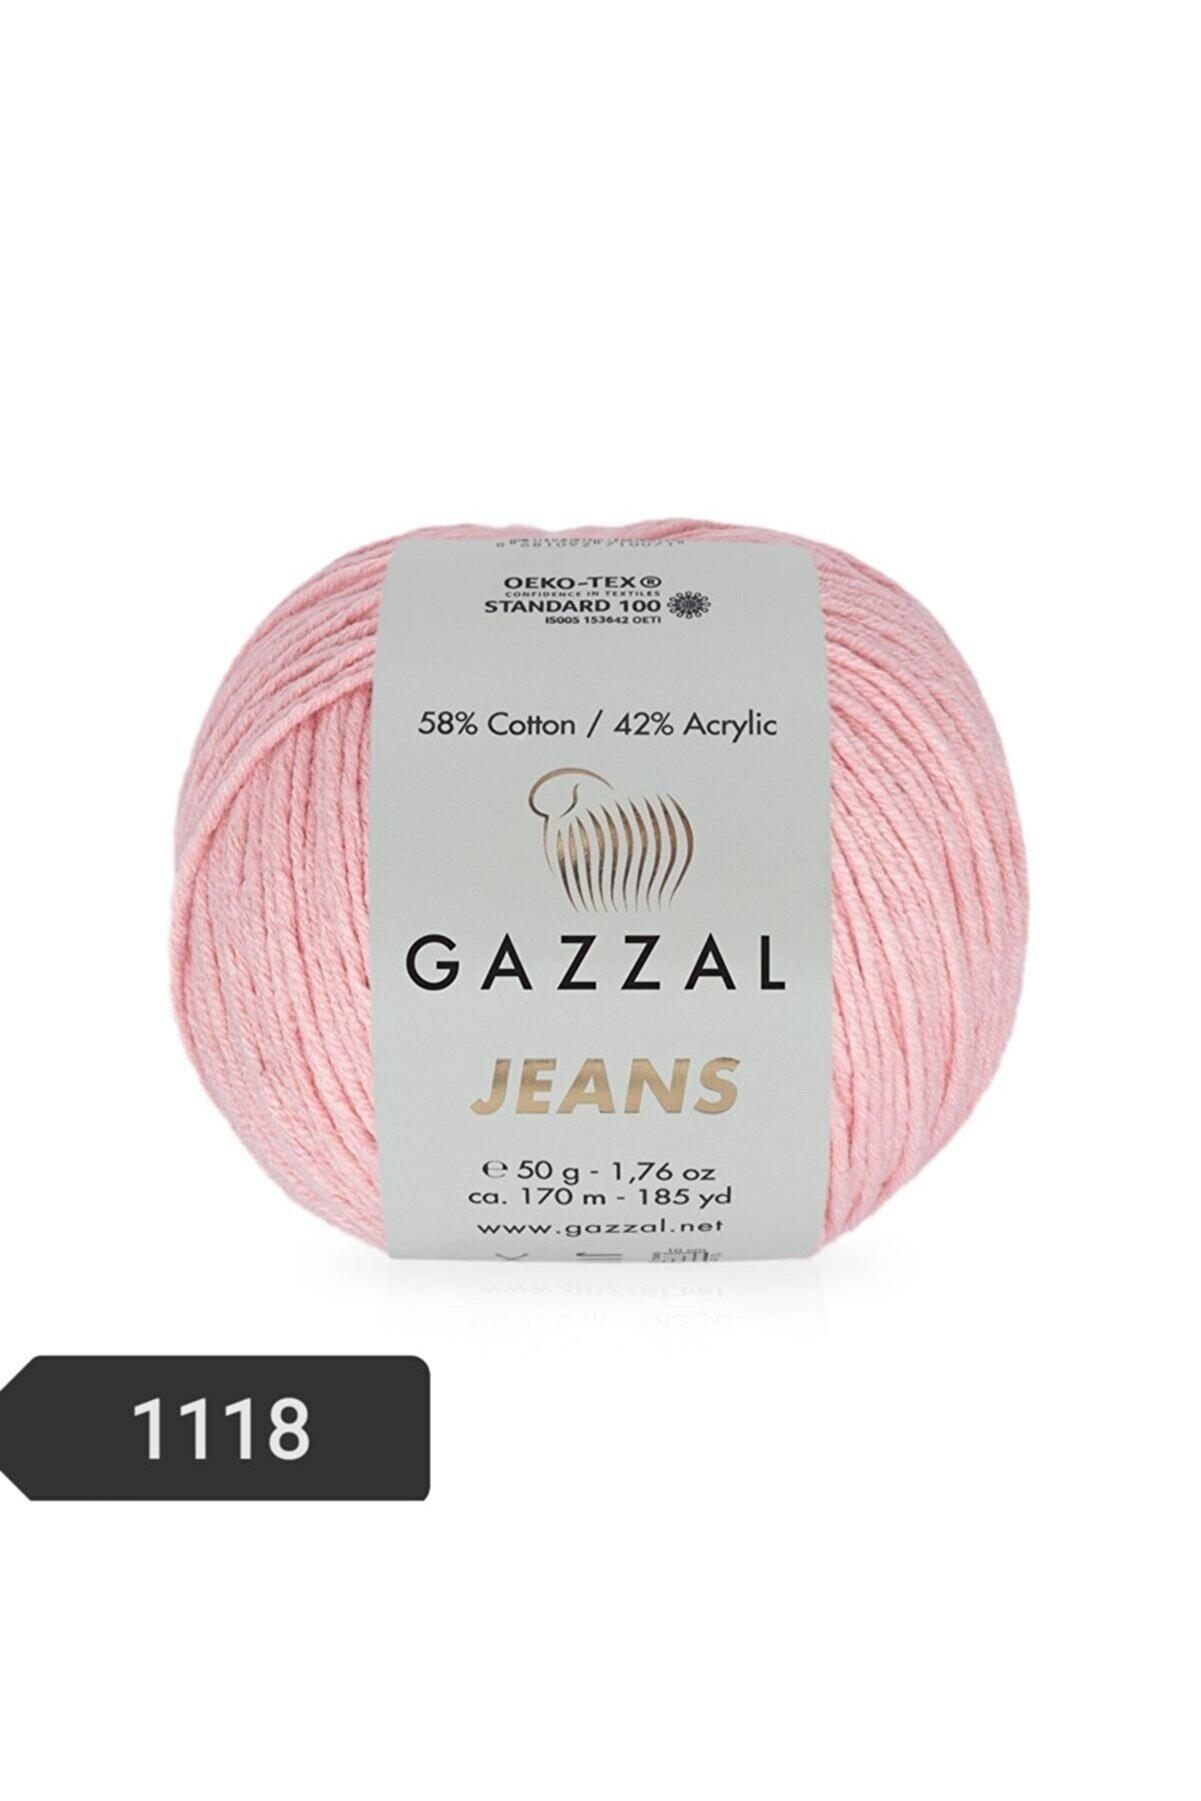 Gazzal Jeans Amigurumi Ipi El Örgü Ipi 50 Gr Renk Kodu-1118-